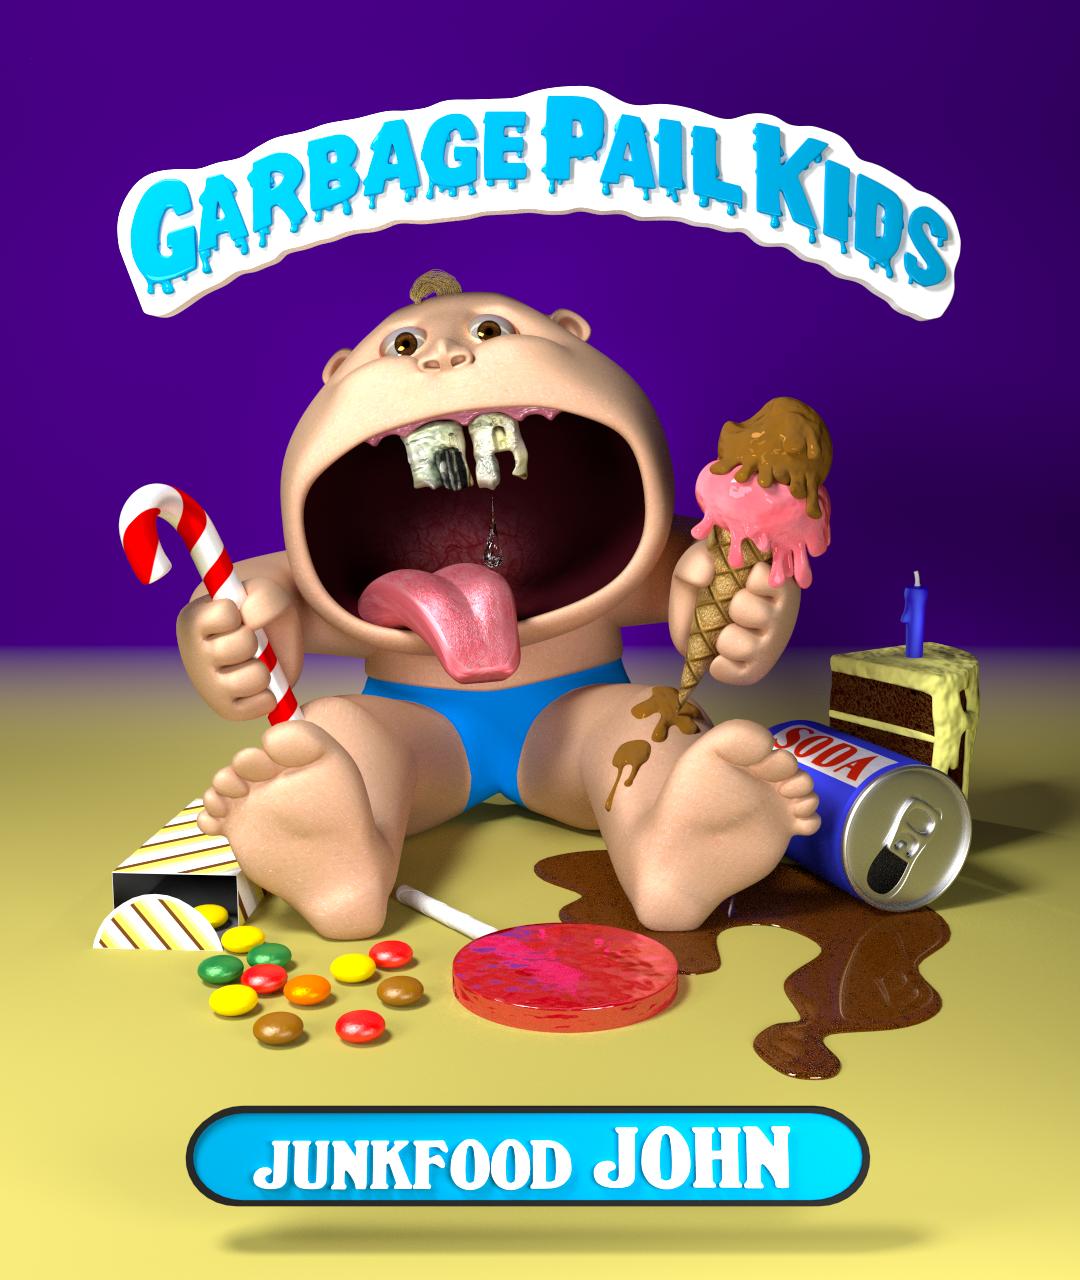 Garbage Pail Kids - Junkfood John